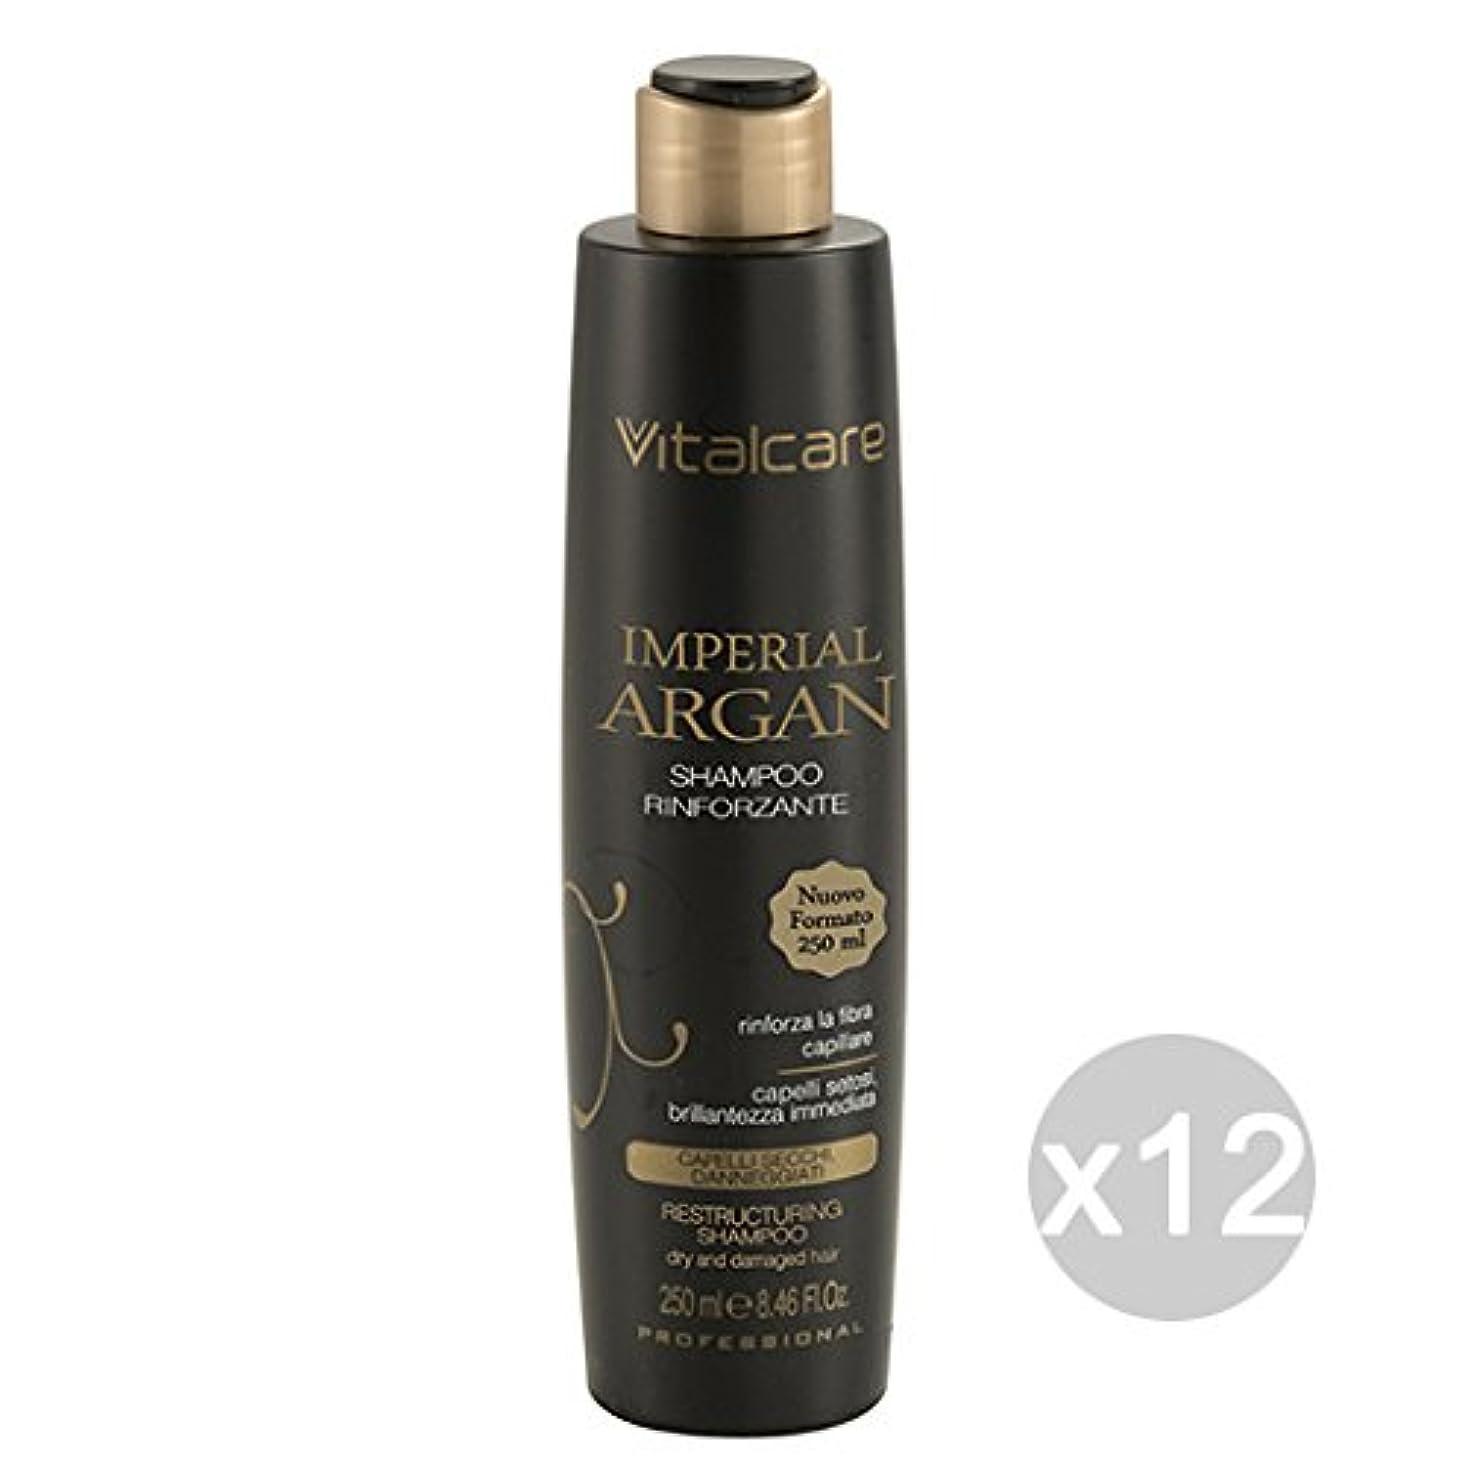 髪のための12バイタルケアインペリアルアルガンシャンプー250ミリリットル製品のセット